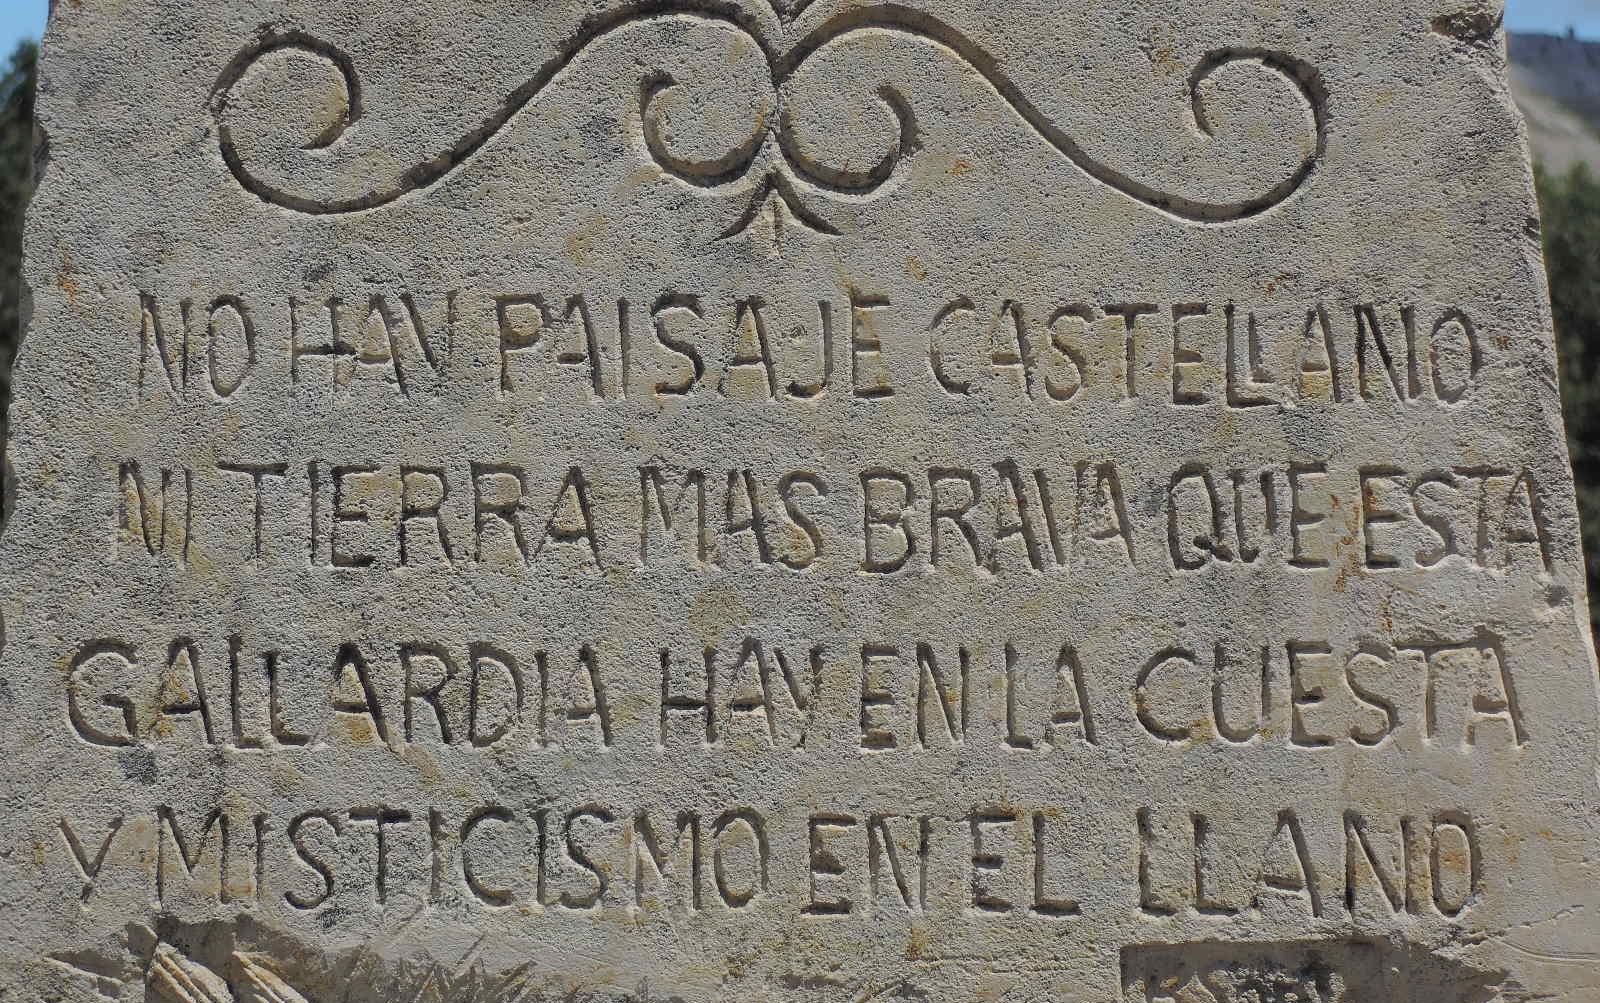 No hay paisaje castellano ni tierra más brava que esta. Gallardía hay en la cuesta y misticismo en el llano.